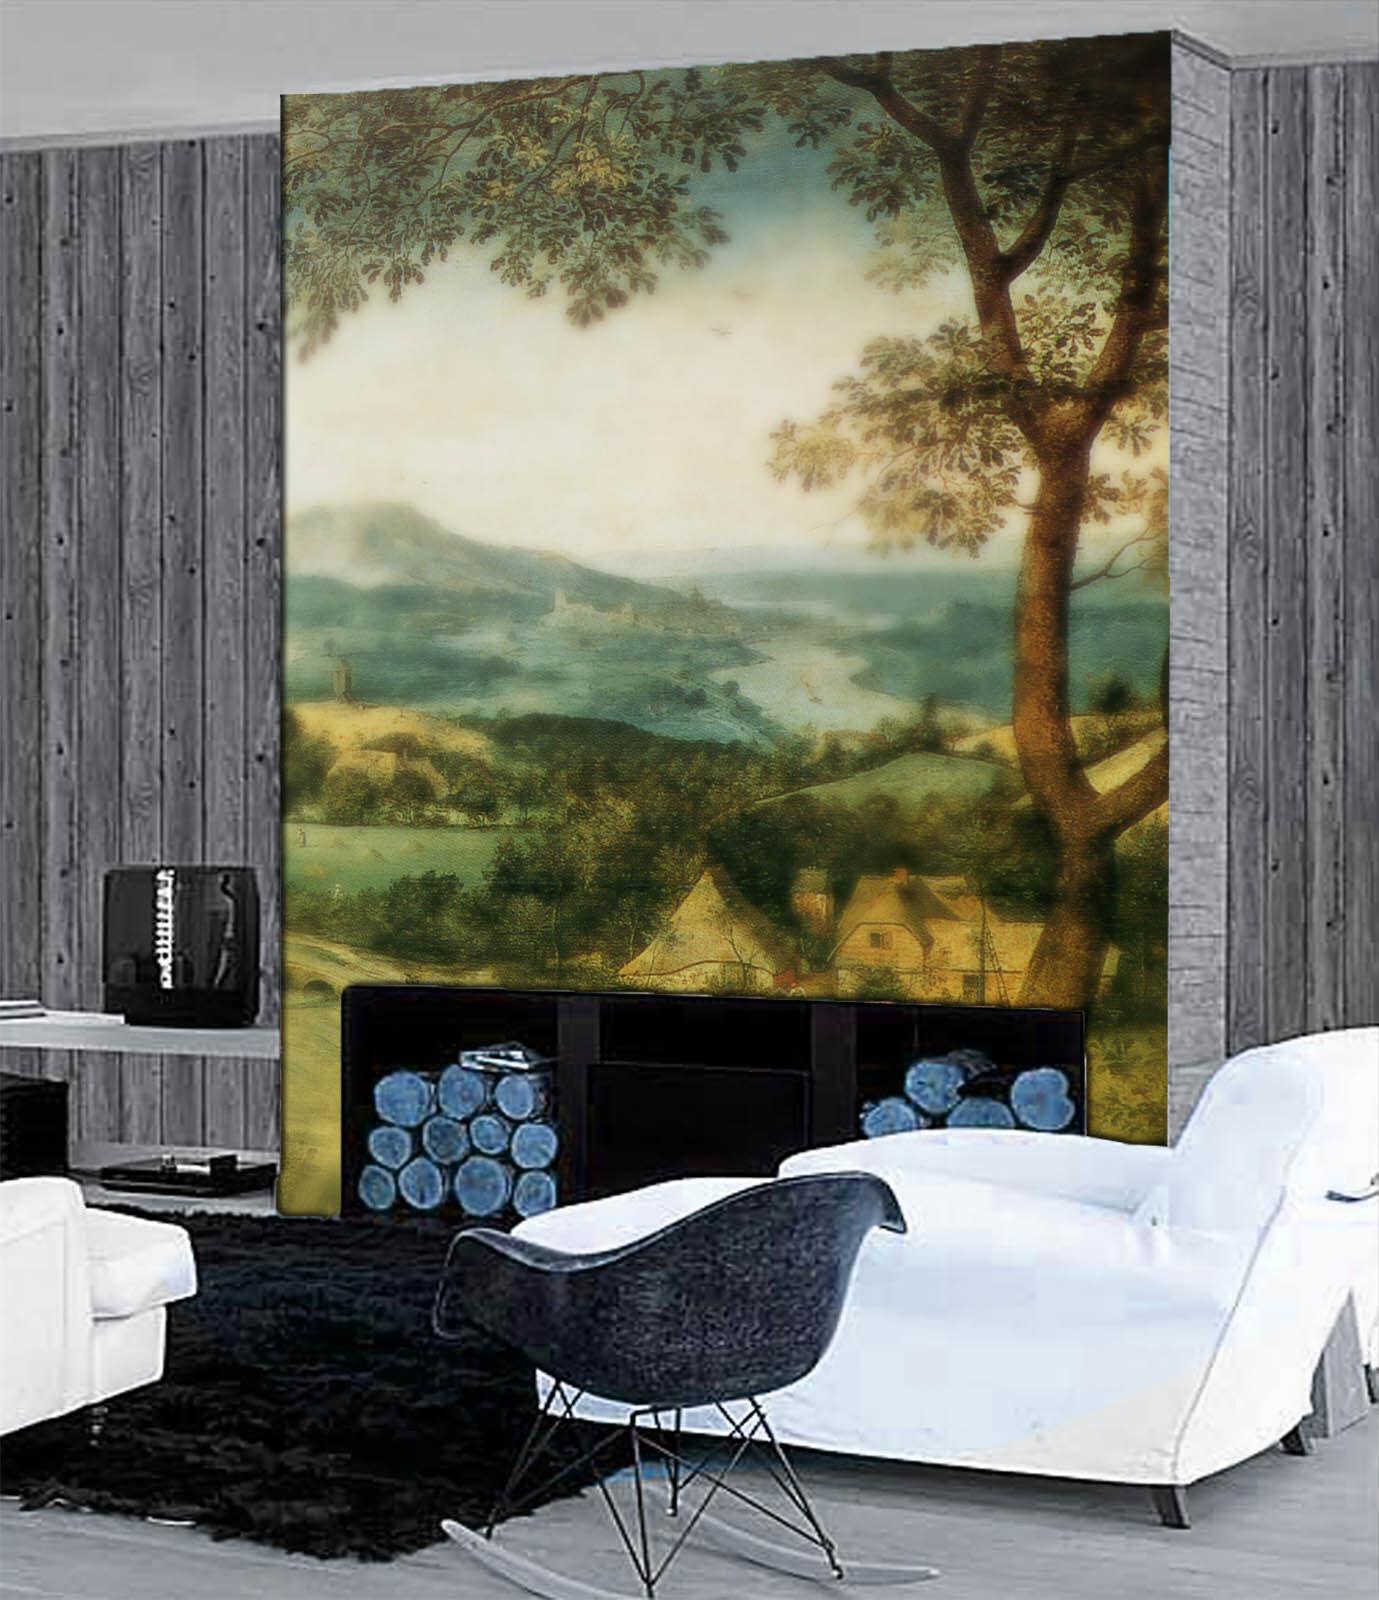 3D Hazy Landscape 9060 Wall Paper Wall Print Decal Wall Deco Wall Indoor Murals